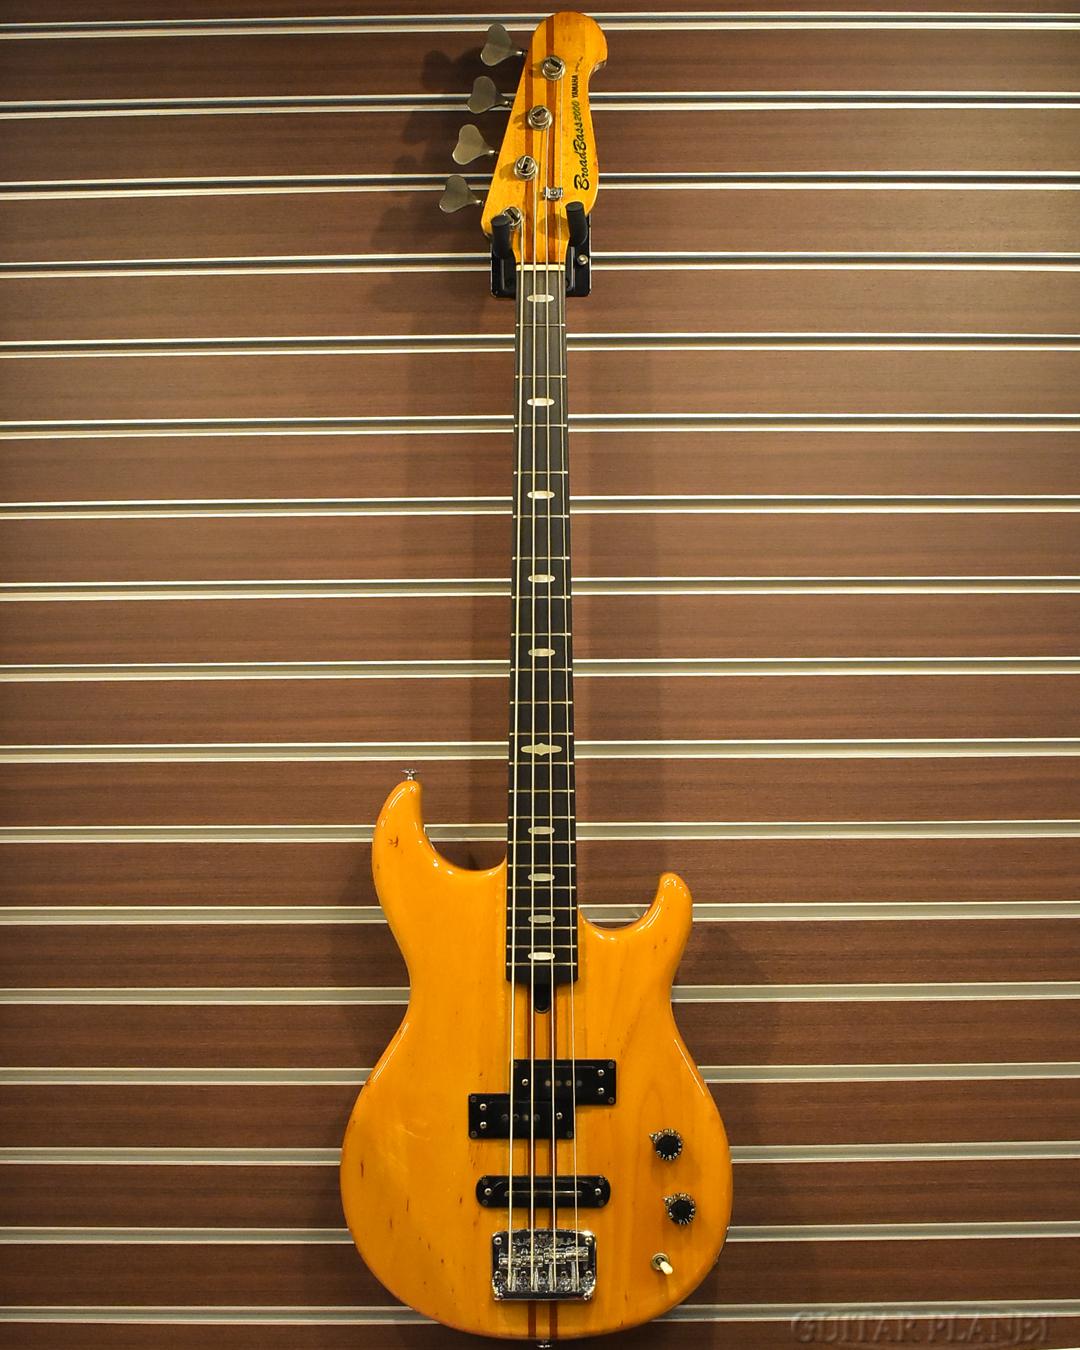 【御委託中古品】YAMAHA BB2000 -Yellow Natural- 1978年製【4.62kg】[ヤマハ][国産][イエローナチュラル,黄色][Electric Bass,エレキベース]【used_ベース】